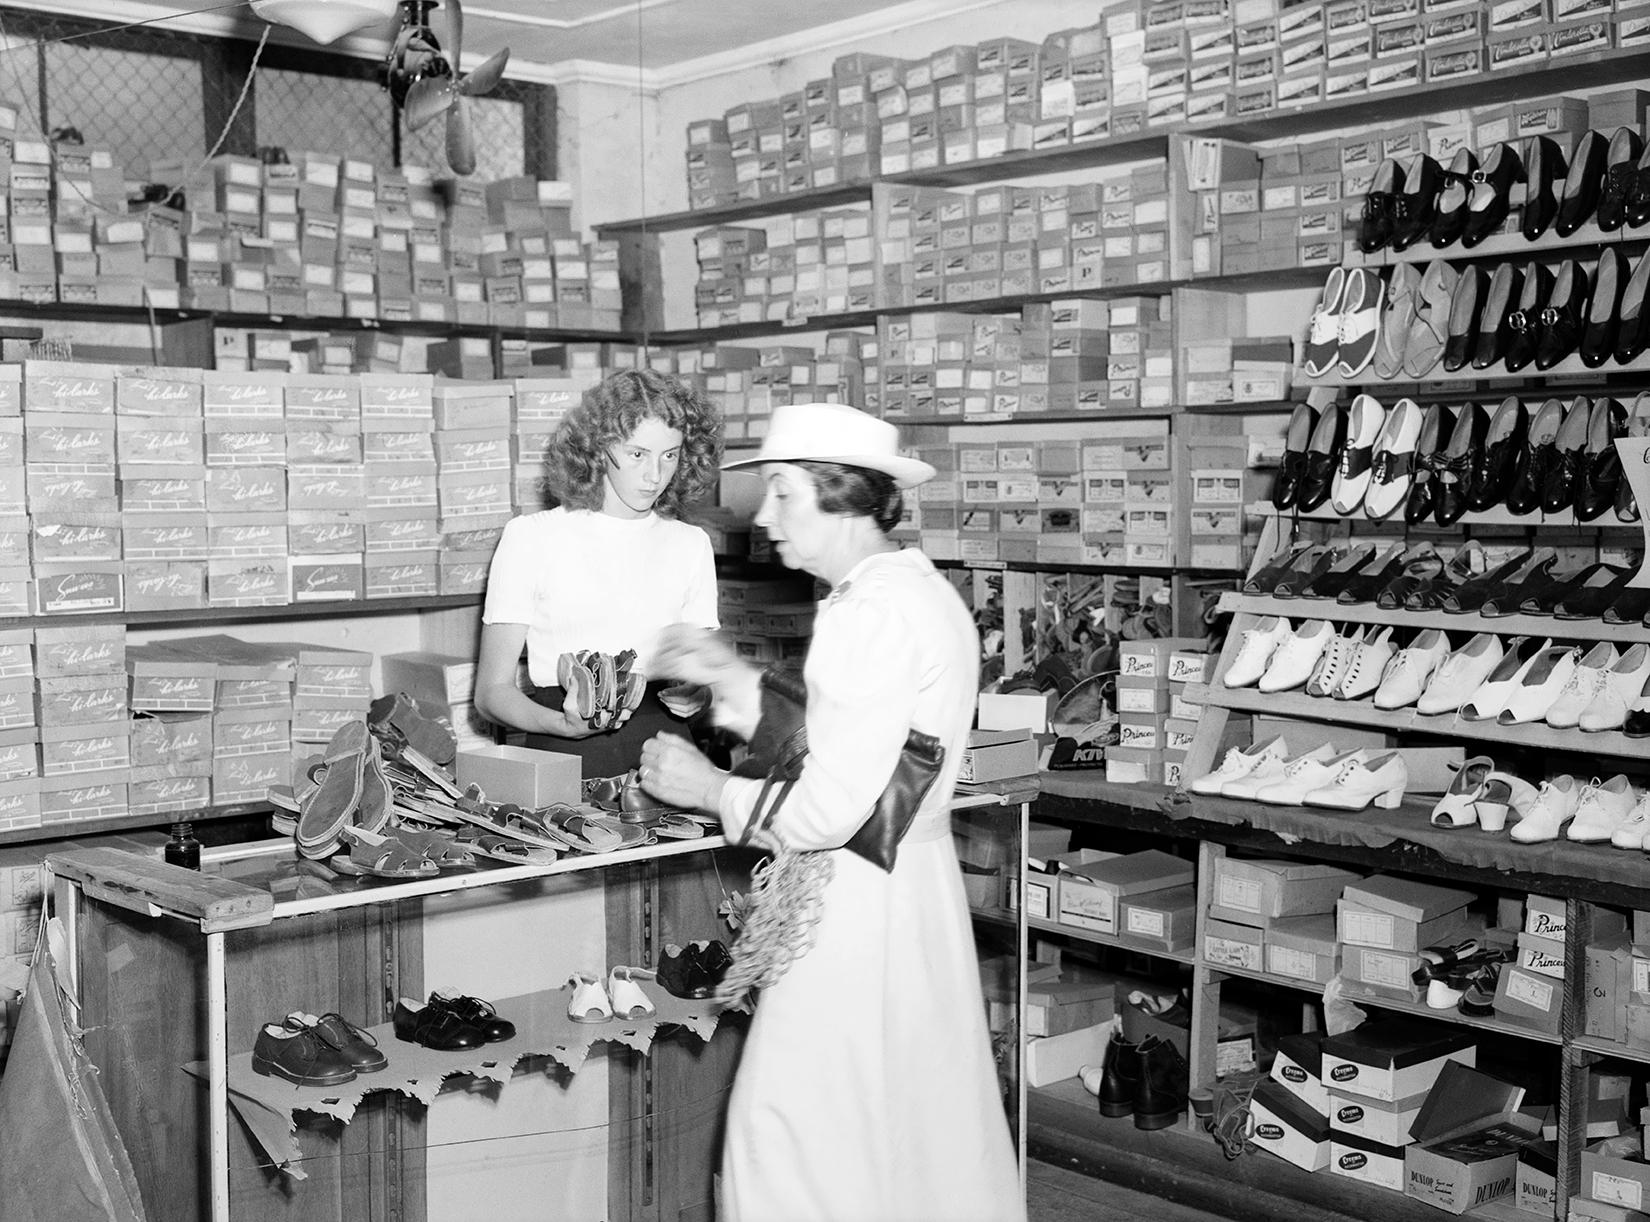 Shoe Shop, Penrith by Max Dupain, 1948